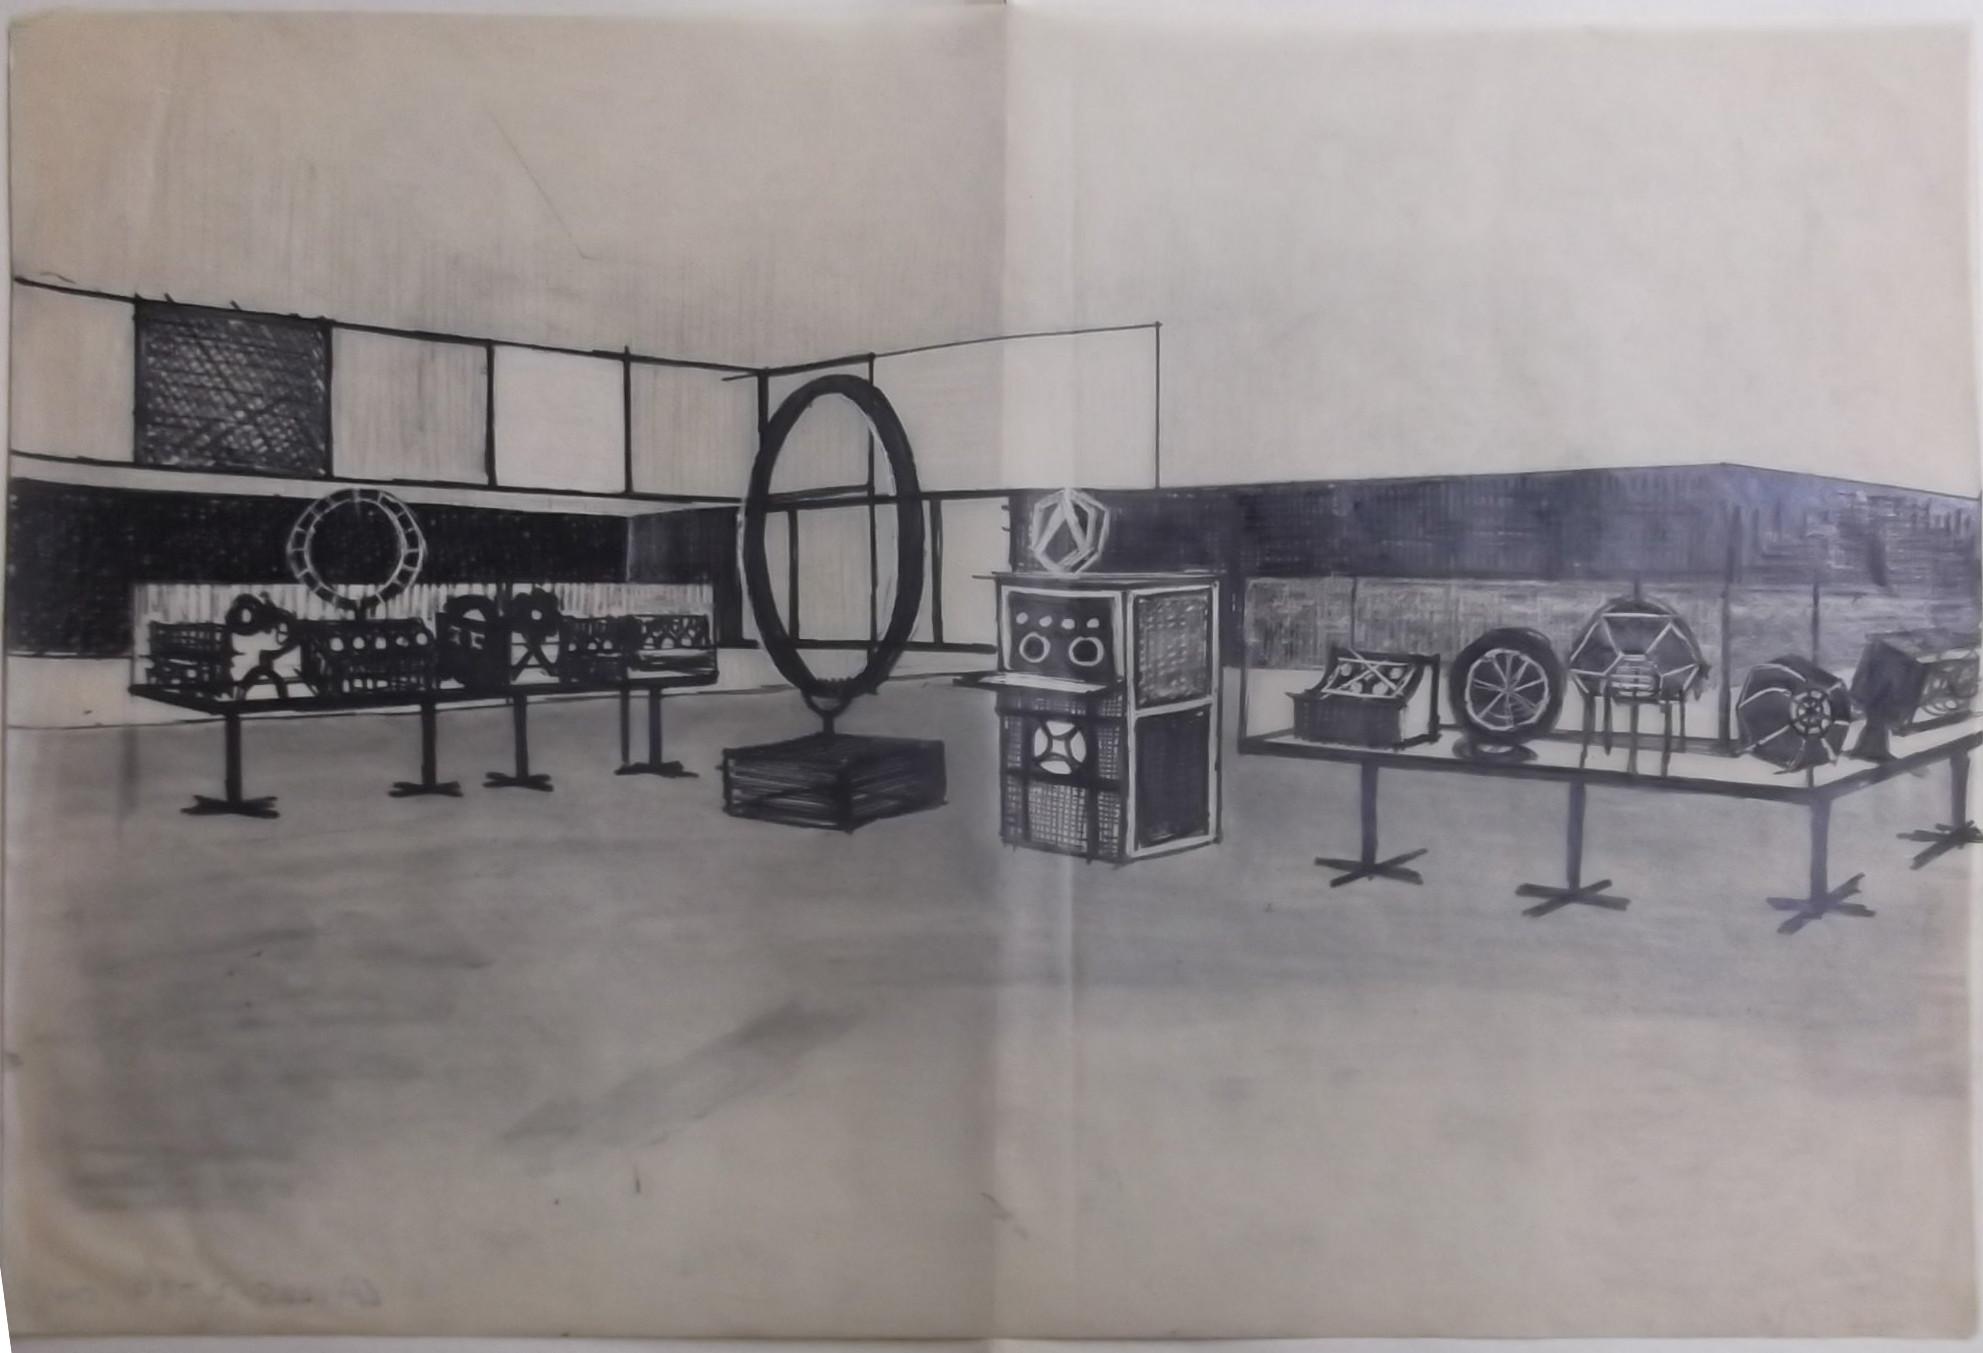 VARA tentoonstelling, oktober 1964, Freek Biesiot. © Beeld en Geluid